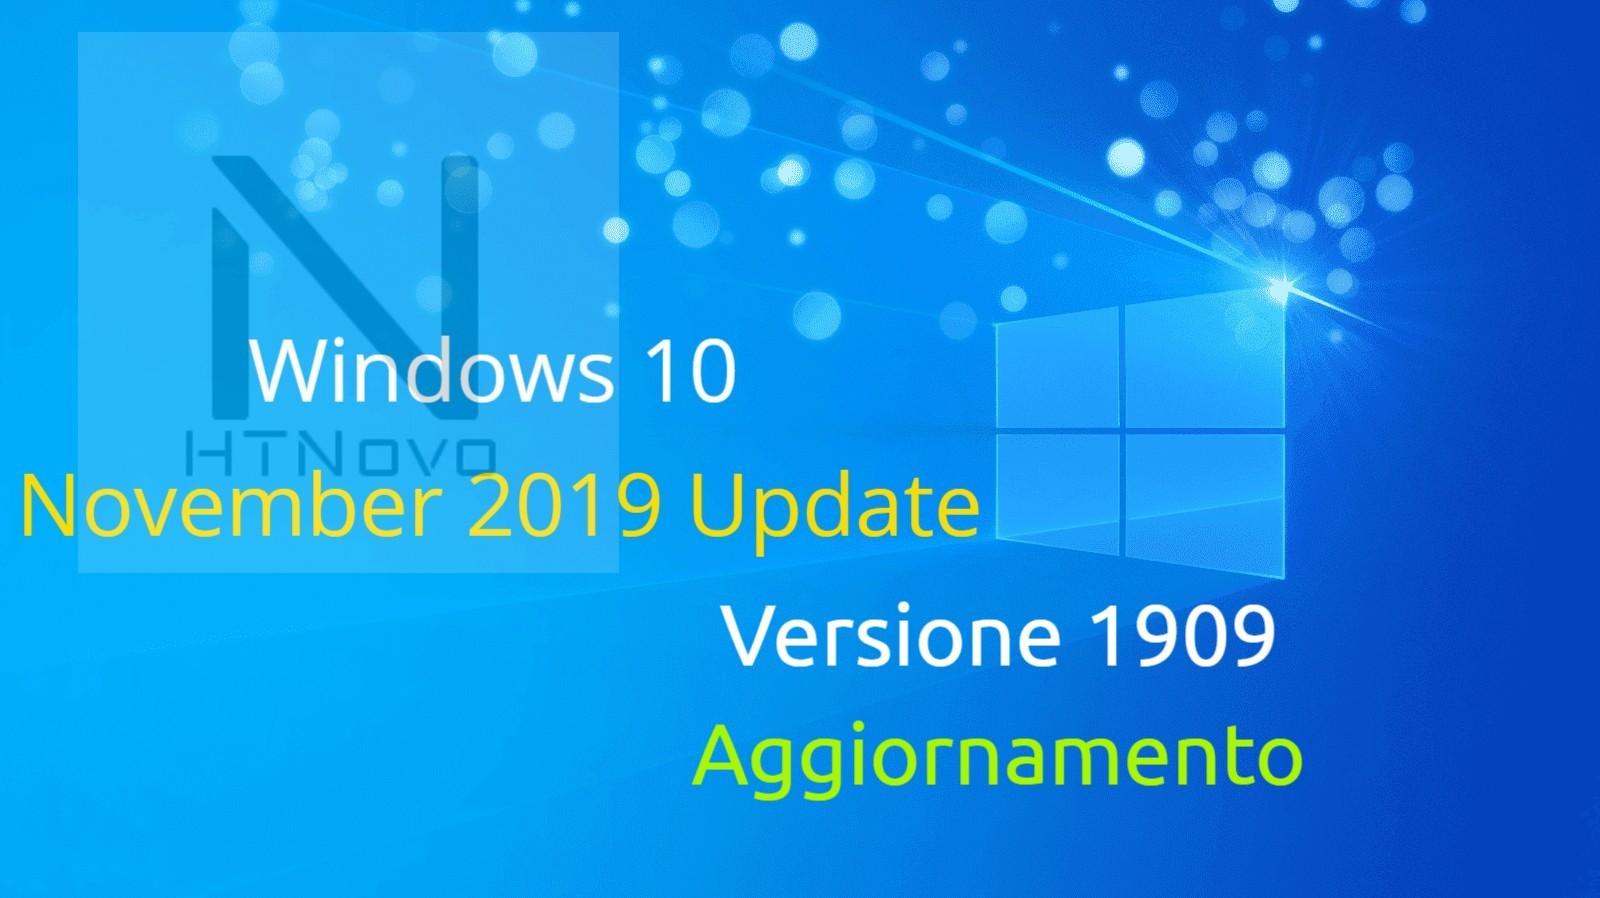 Aggiornamento cumulativo per Windows 10 versione 1909 - Build 18363.753